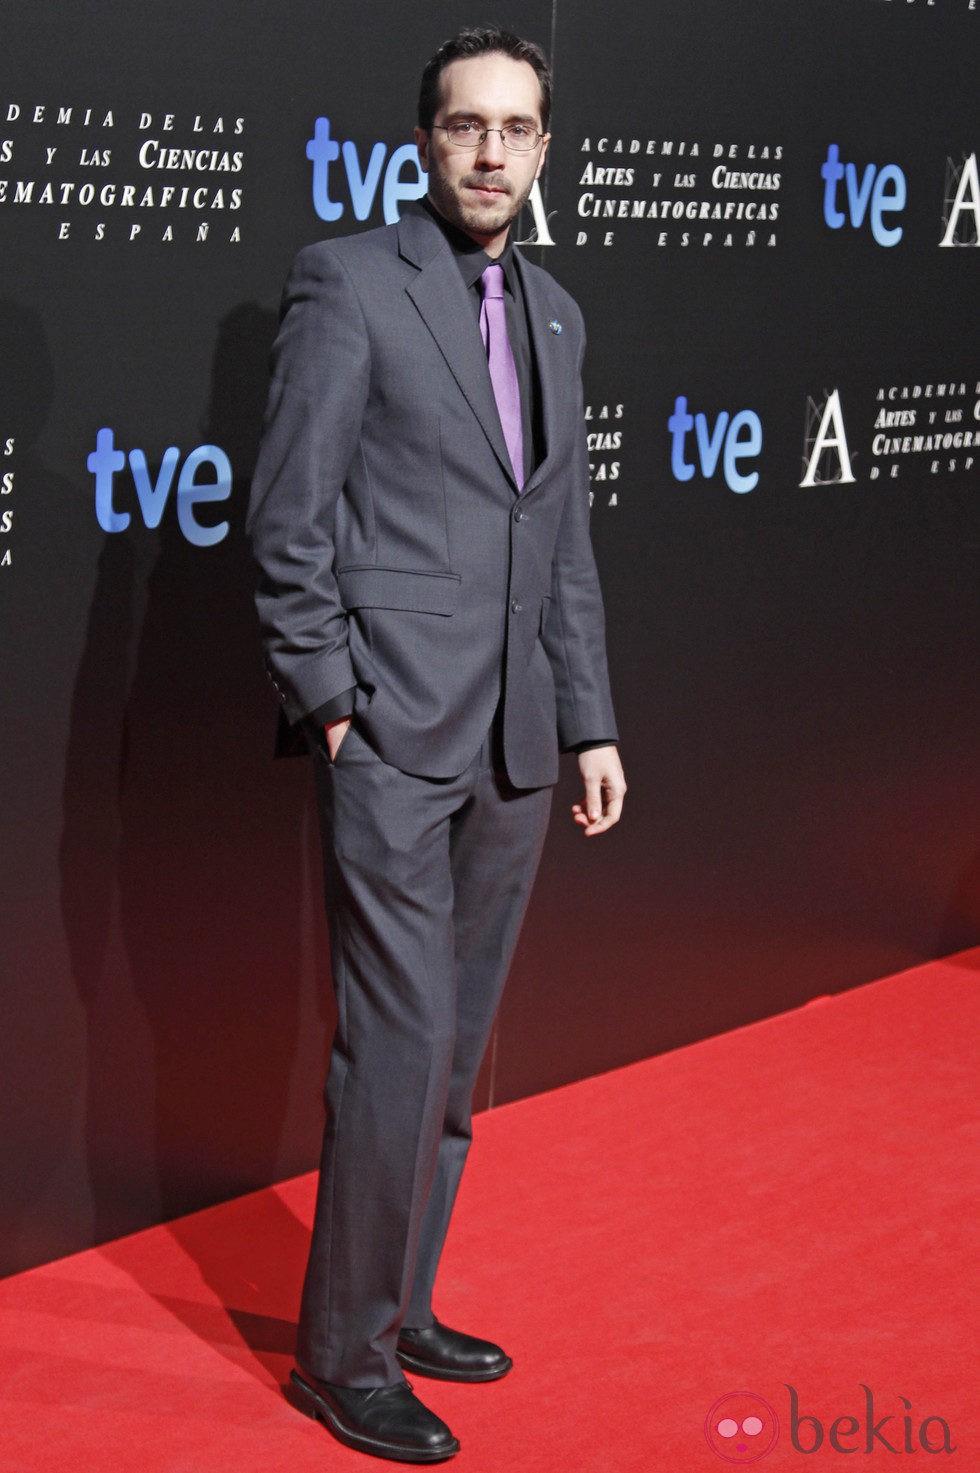 Enrique Gato en la entrada de la cena de los nominados a los Goya 2013